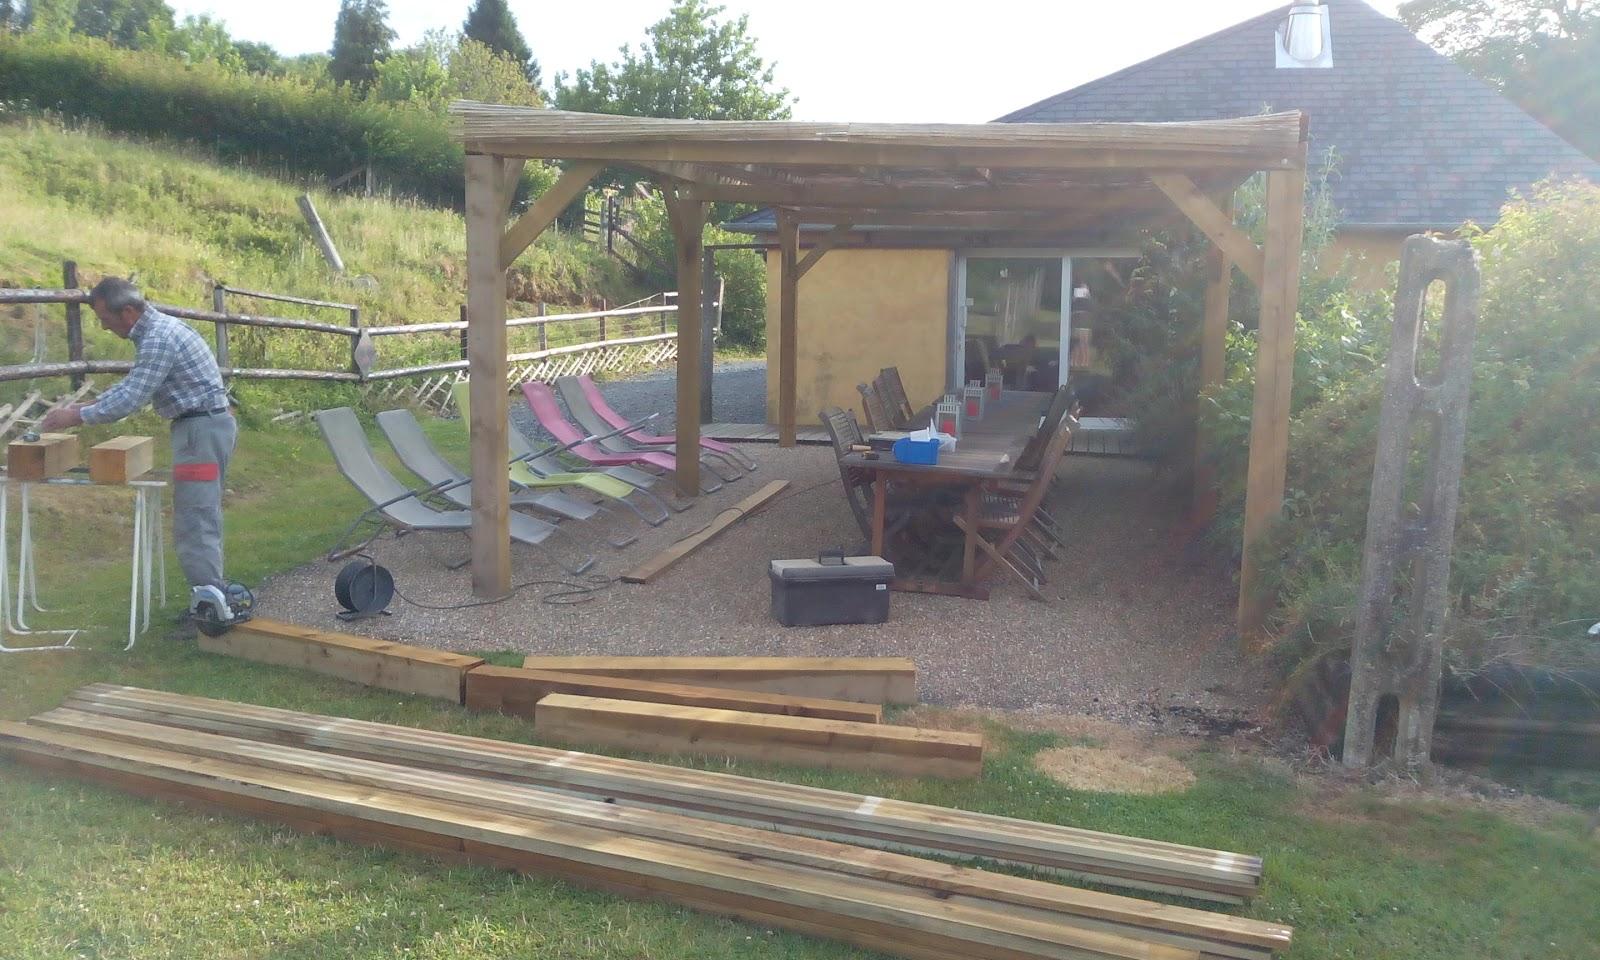 domaine du martinaa elevage gourmandise jardinage et partage fabriquer une chaise longue en